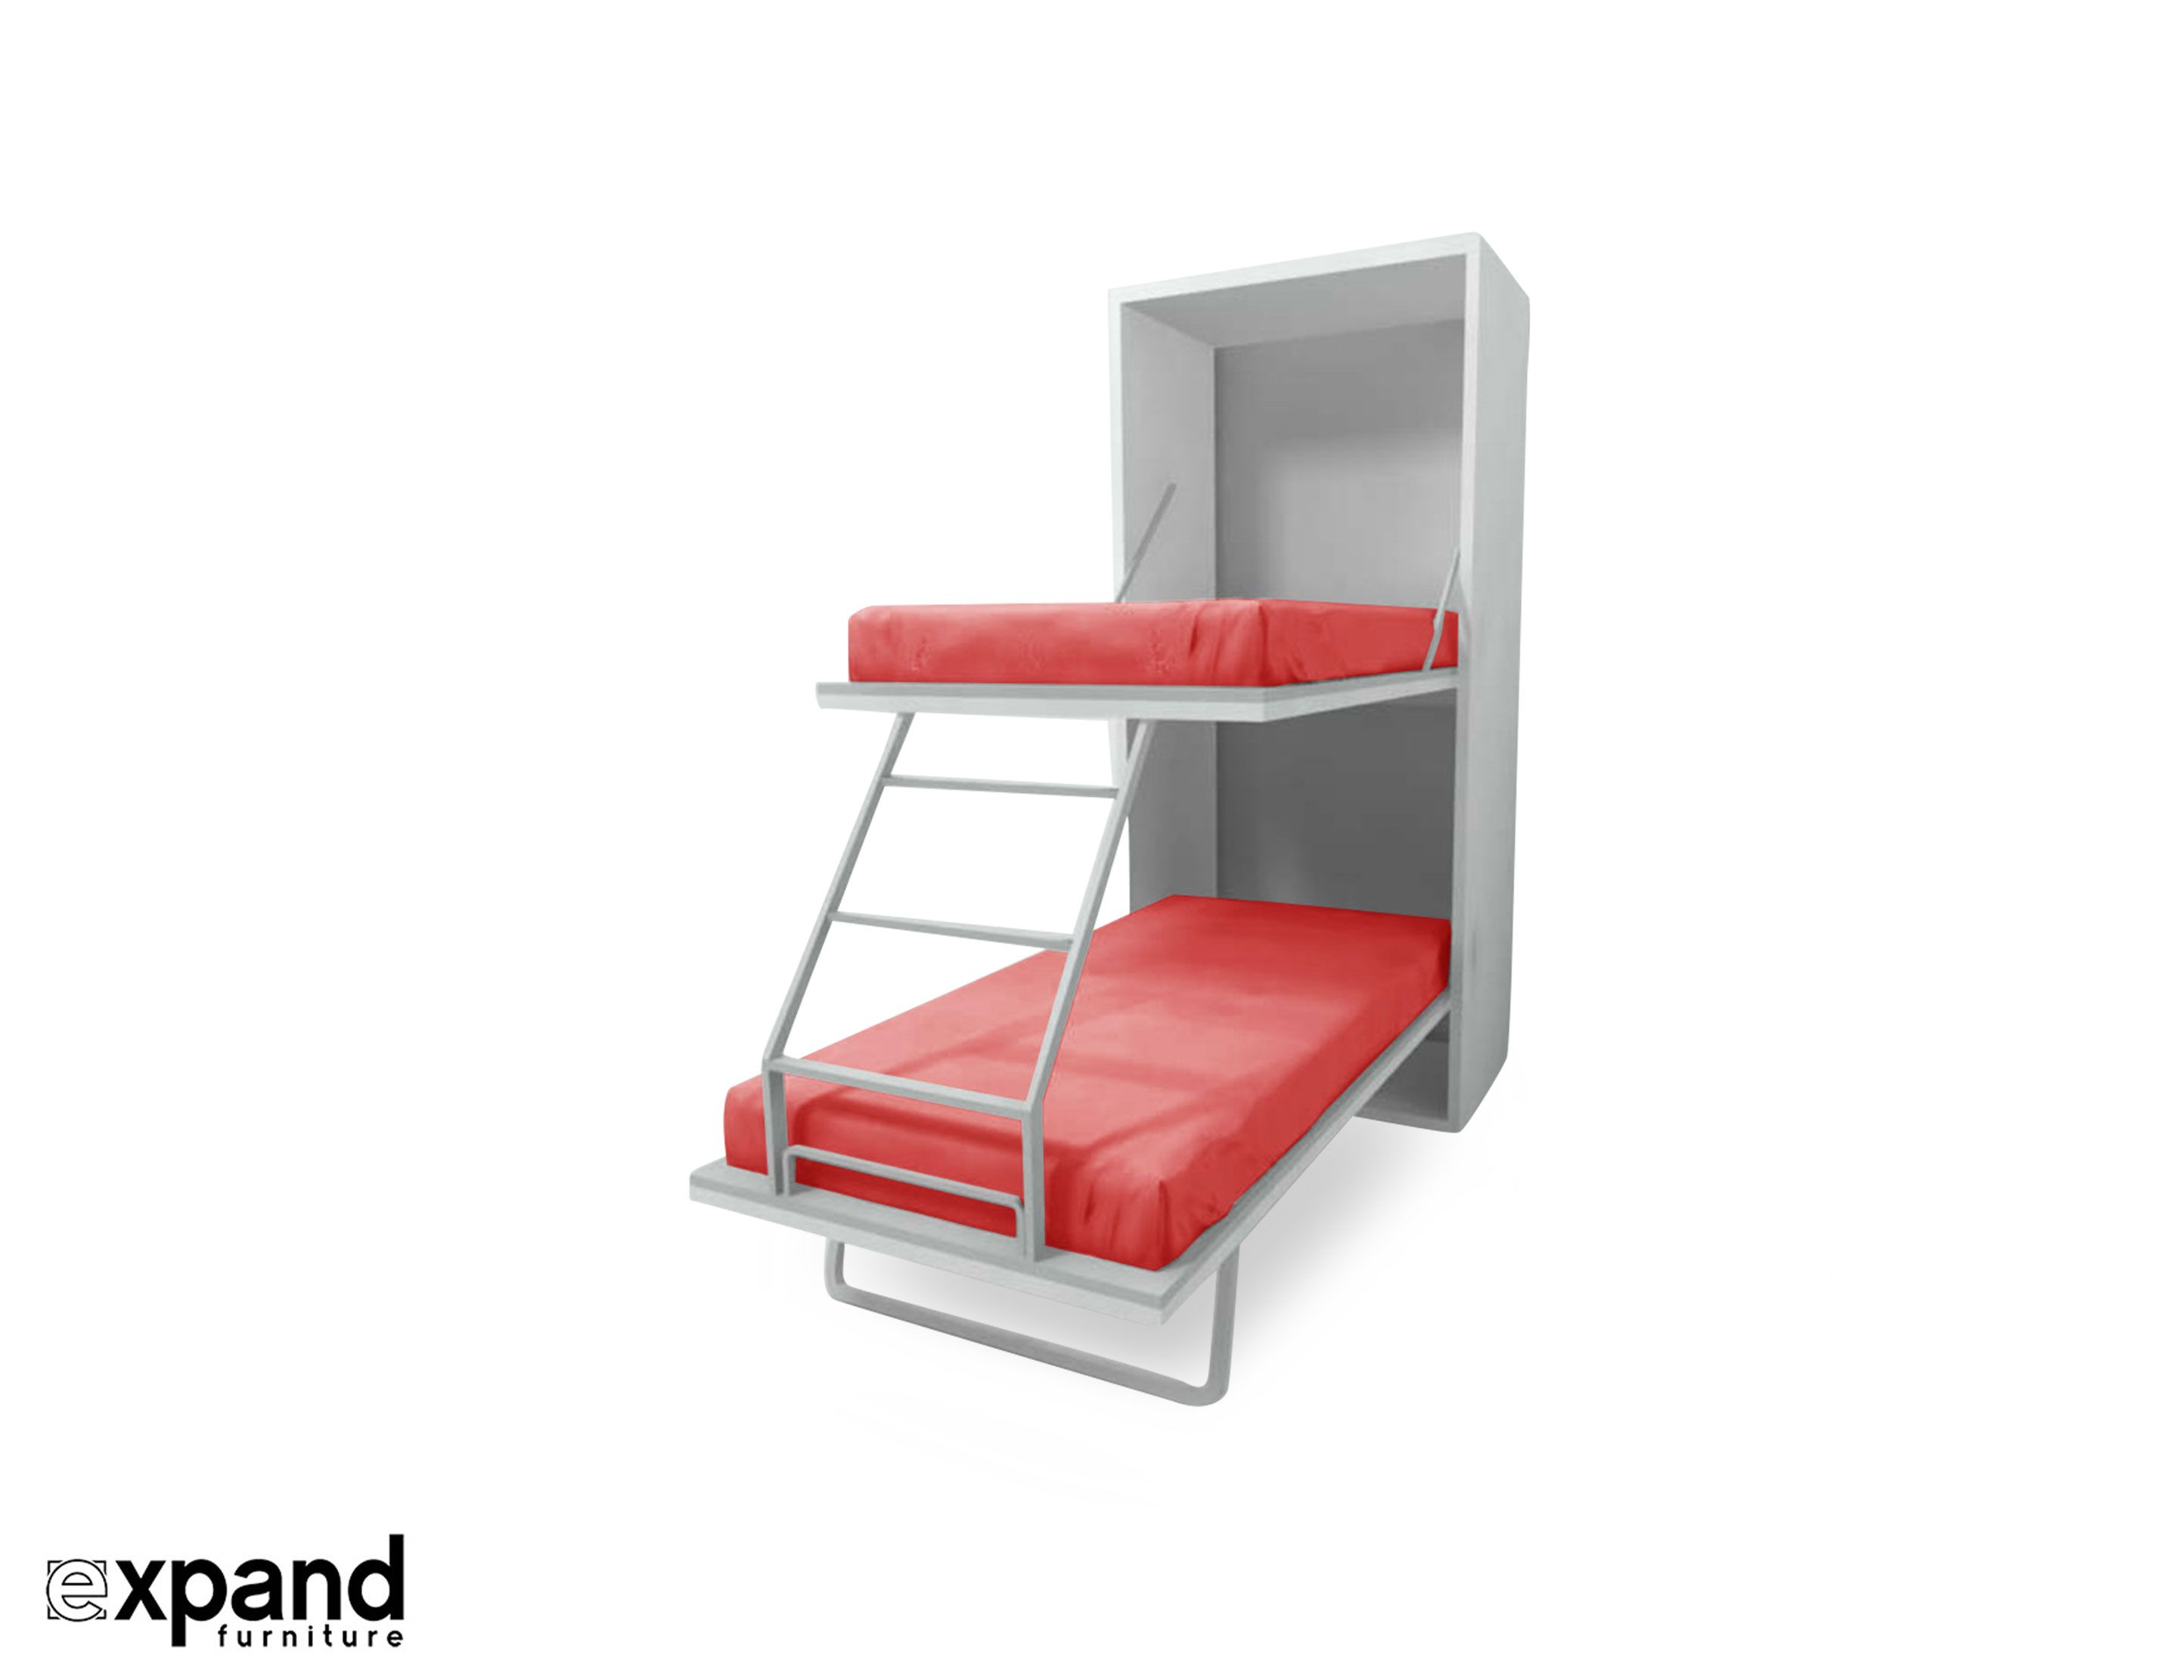 Compatto Hidden Vertical Murphy Bunk Beds Expand